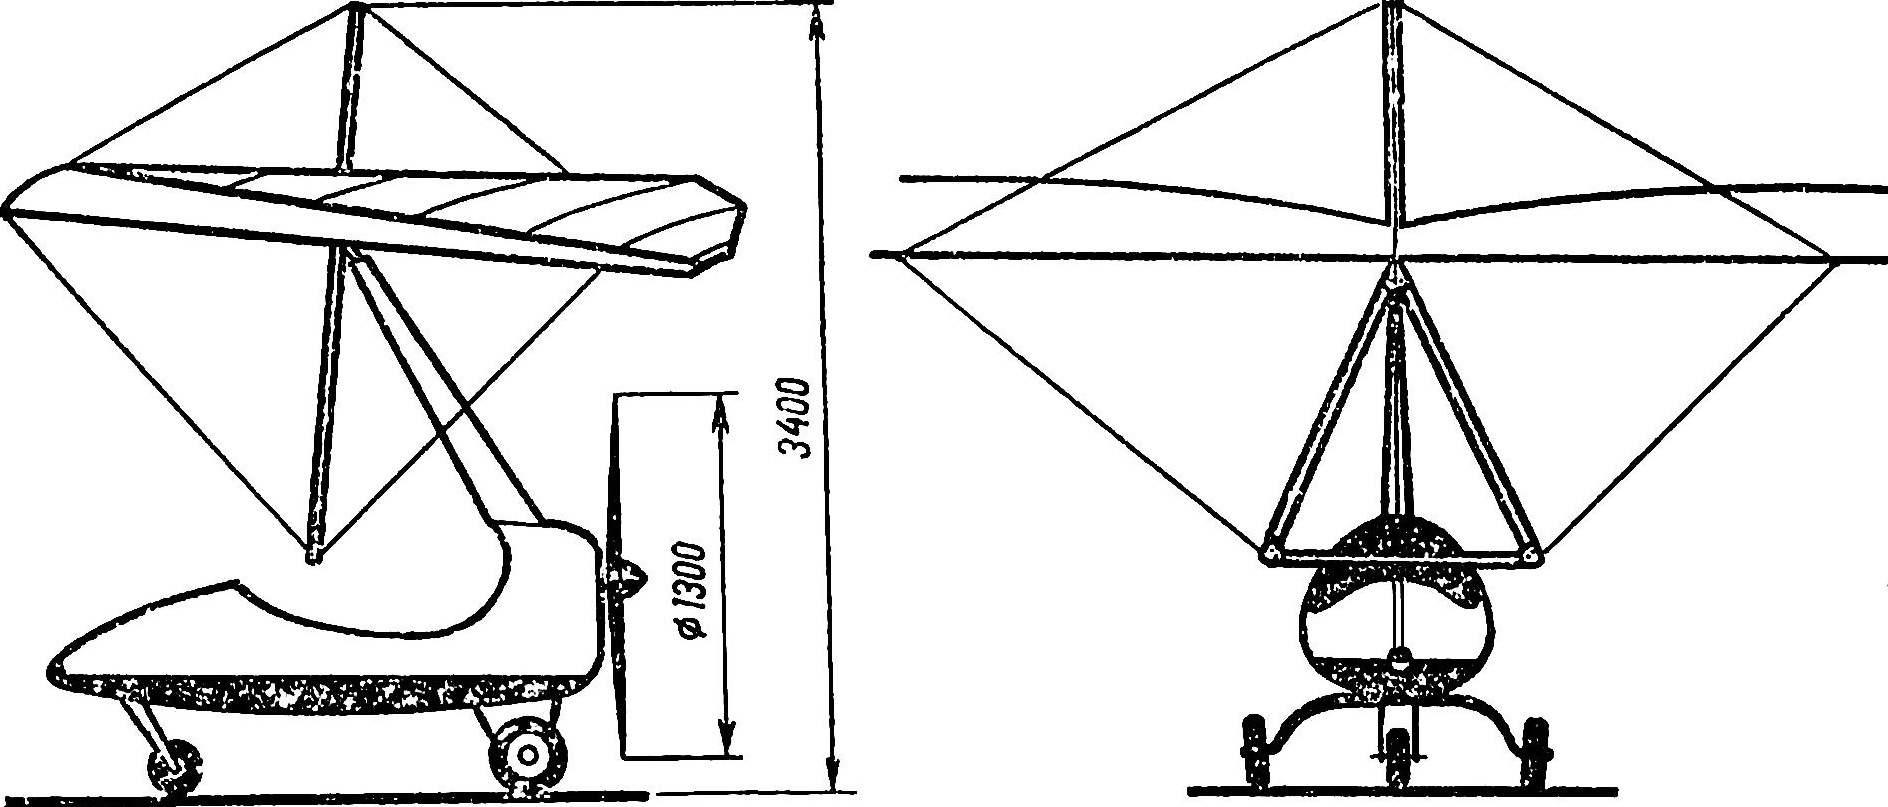 Рис. 3. Мотодельтаплан Т-4 ОКБ имени О. К. Антонова — классический аппарат с балочной мототележкой.